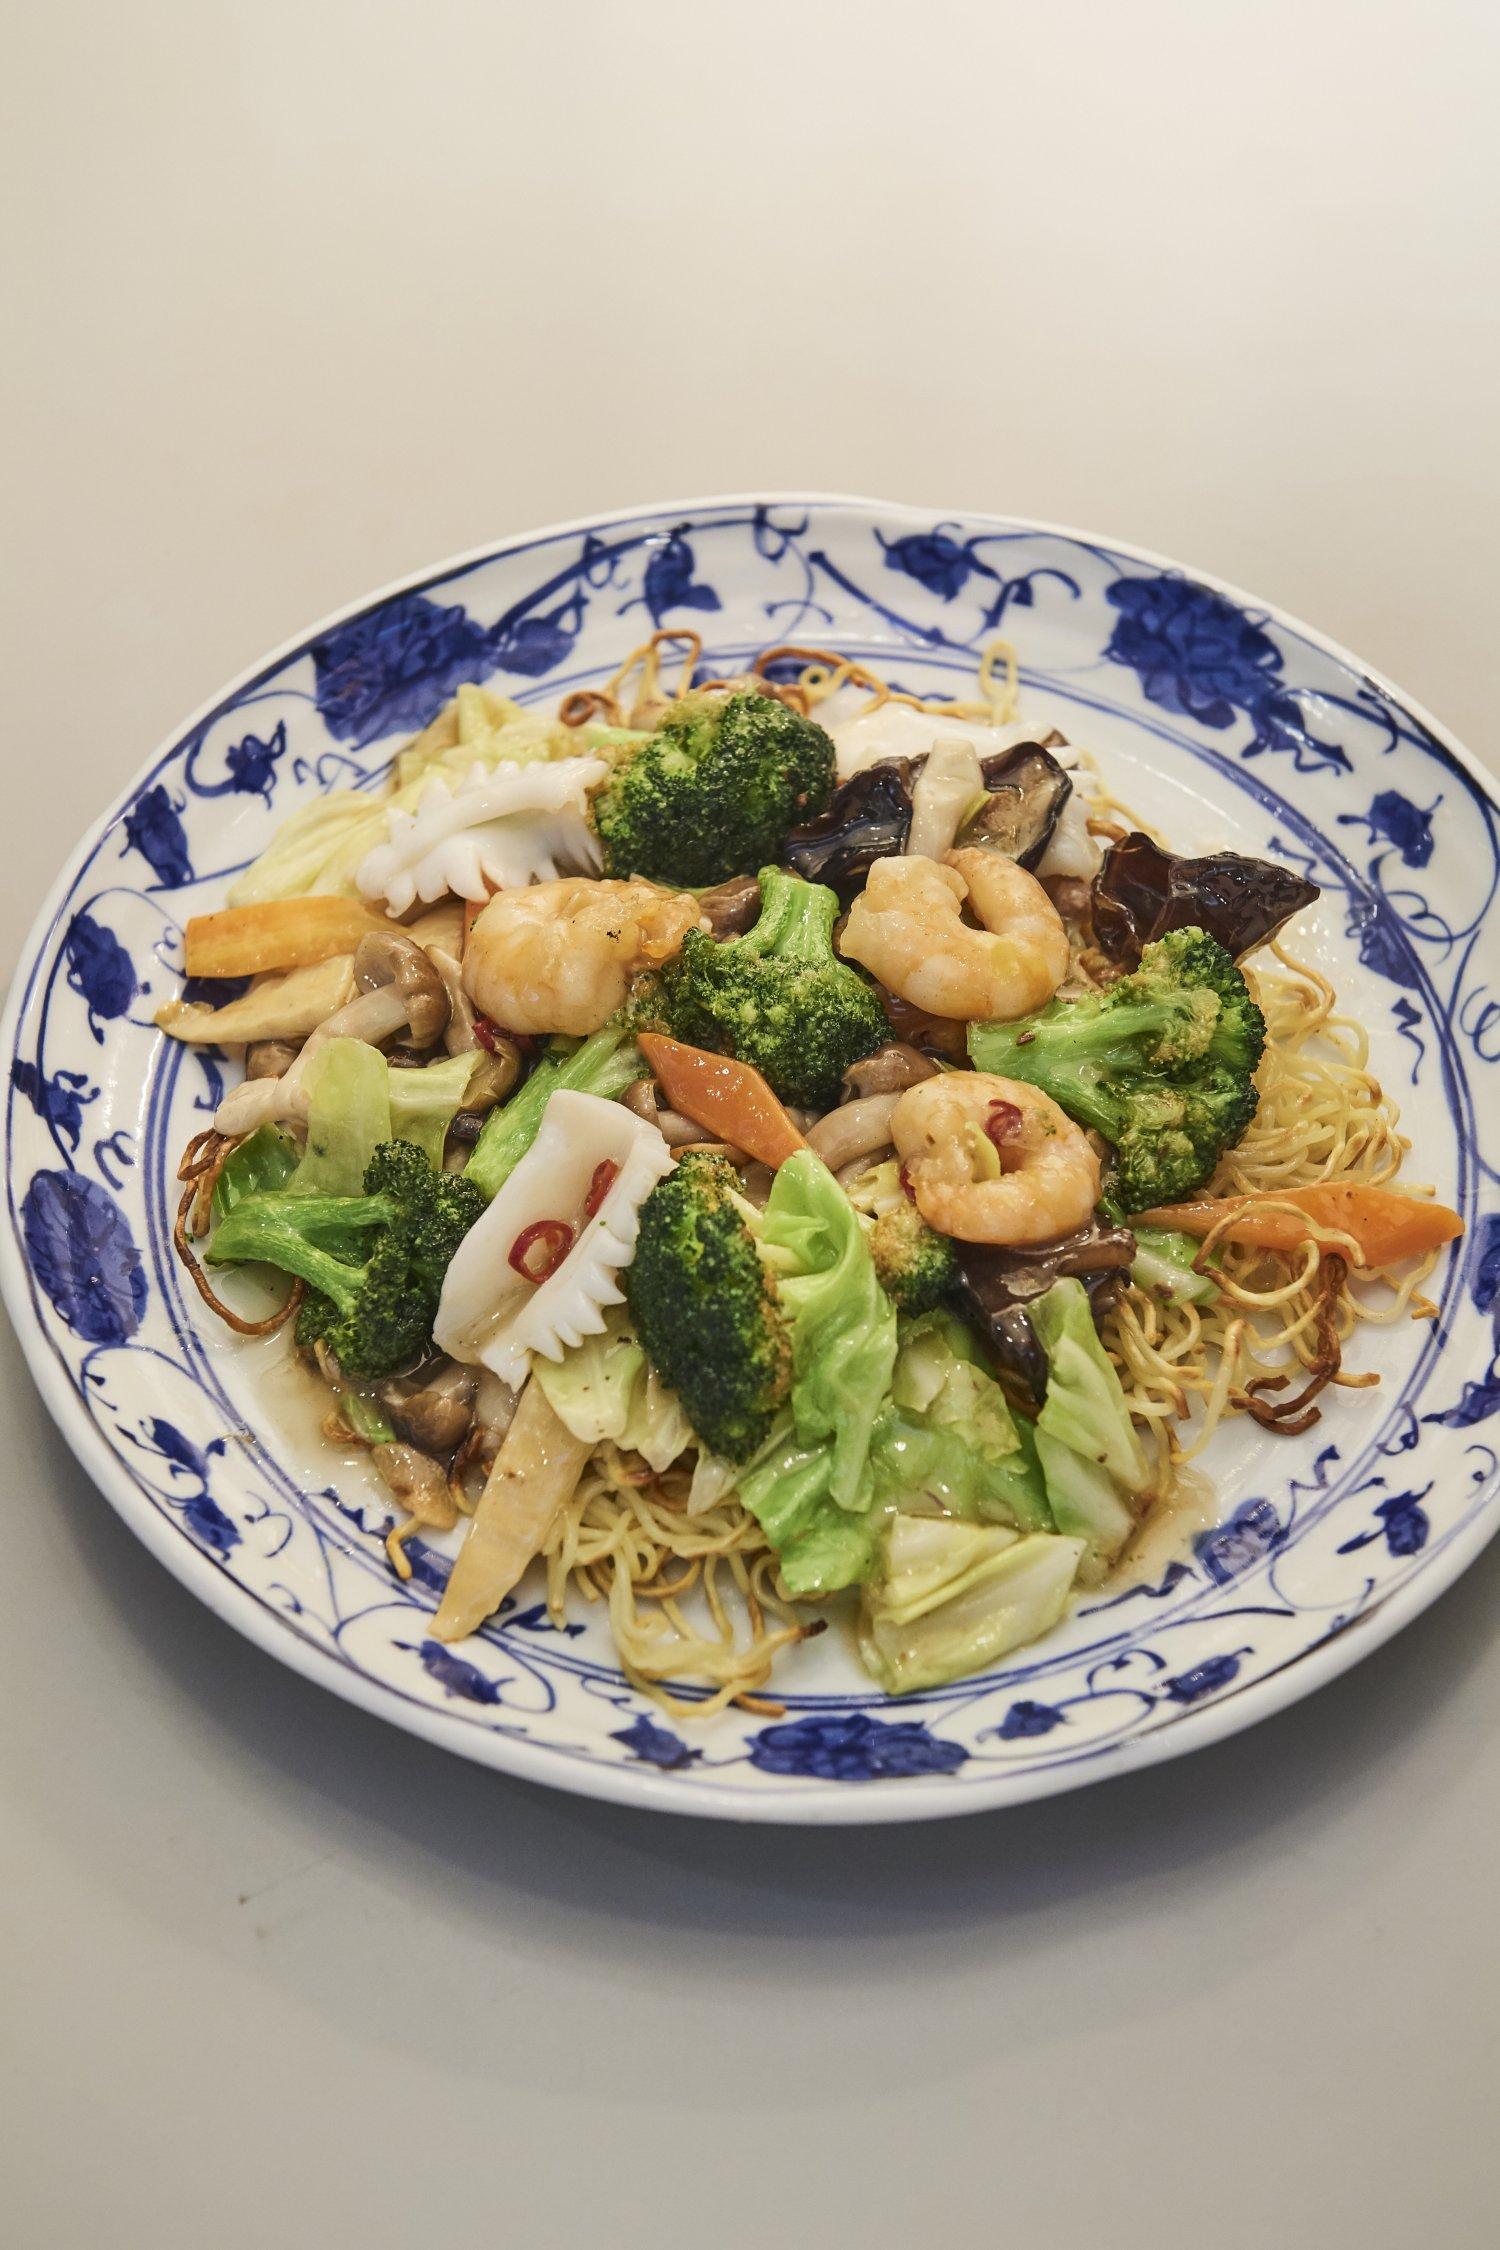 しめじとブロッコリーの海鮮ペペロンチーノ風焼きそば1512円。ナバナなど、野菜は時季で変わる。